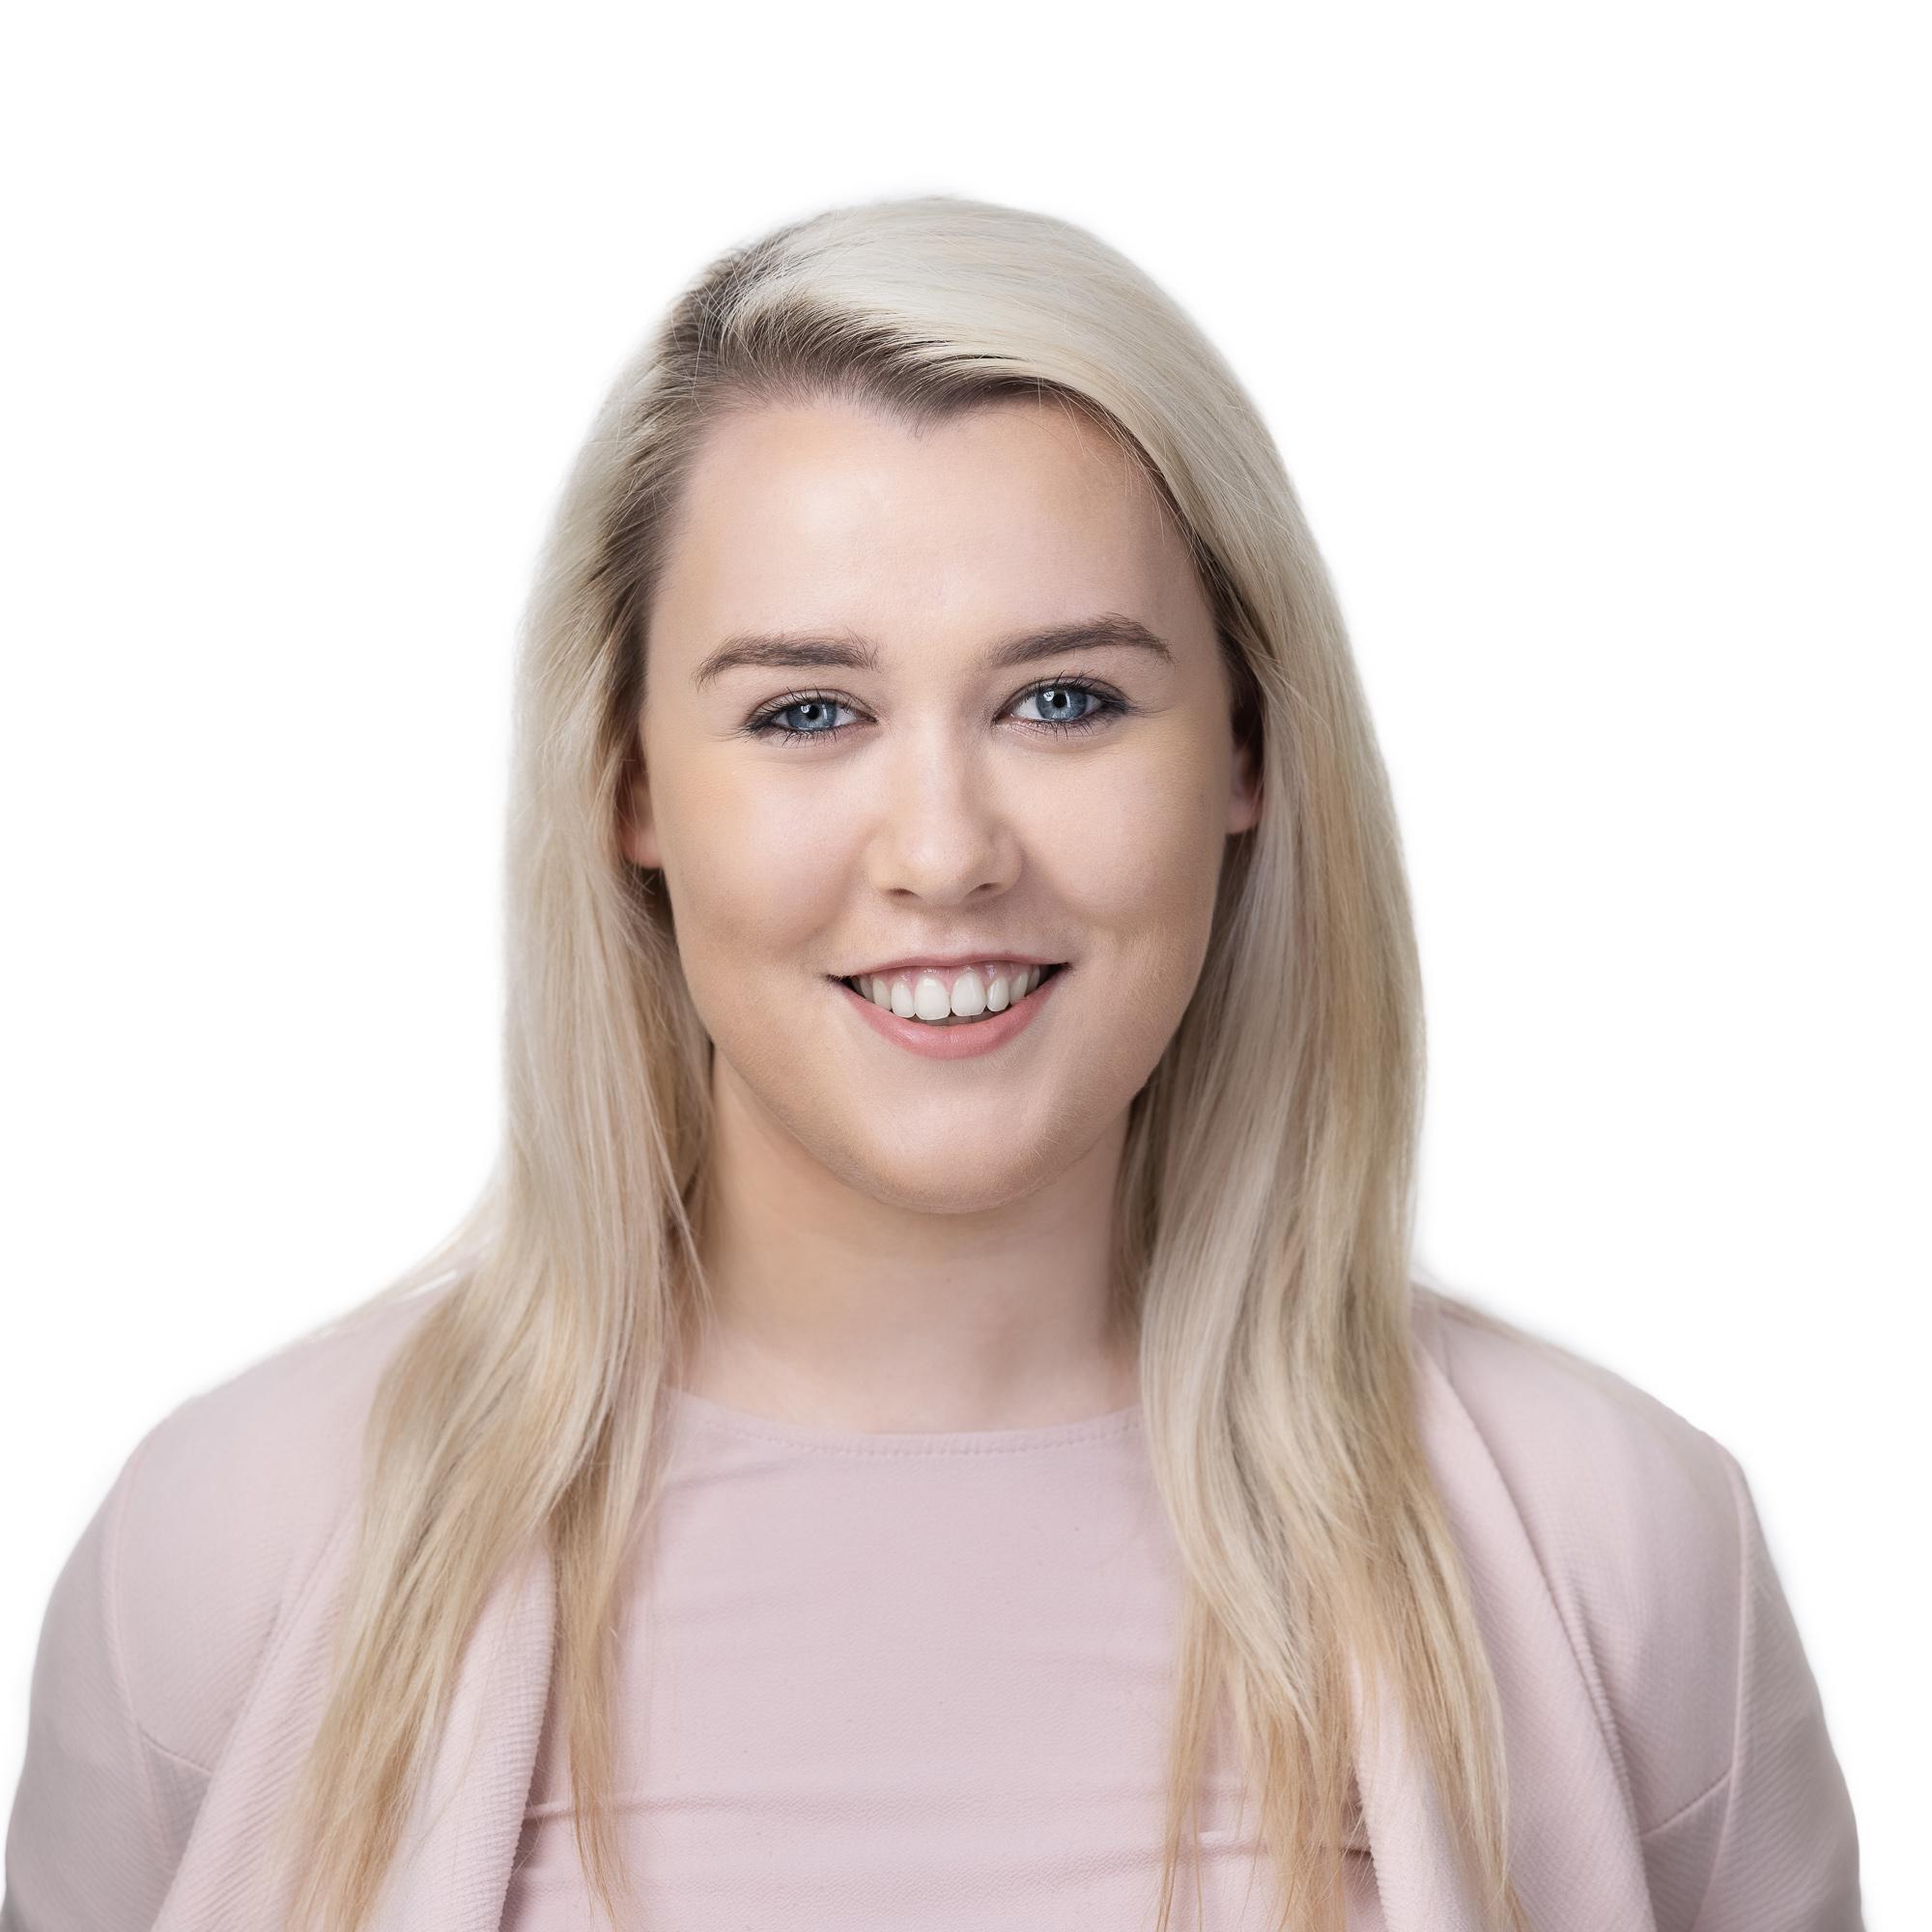 Sarah Glennon